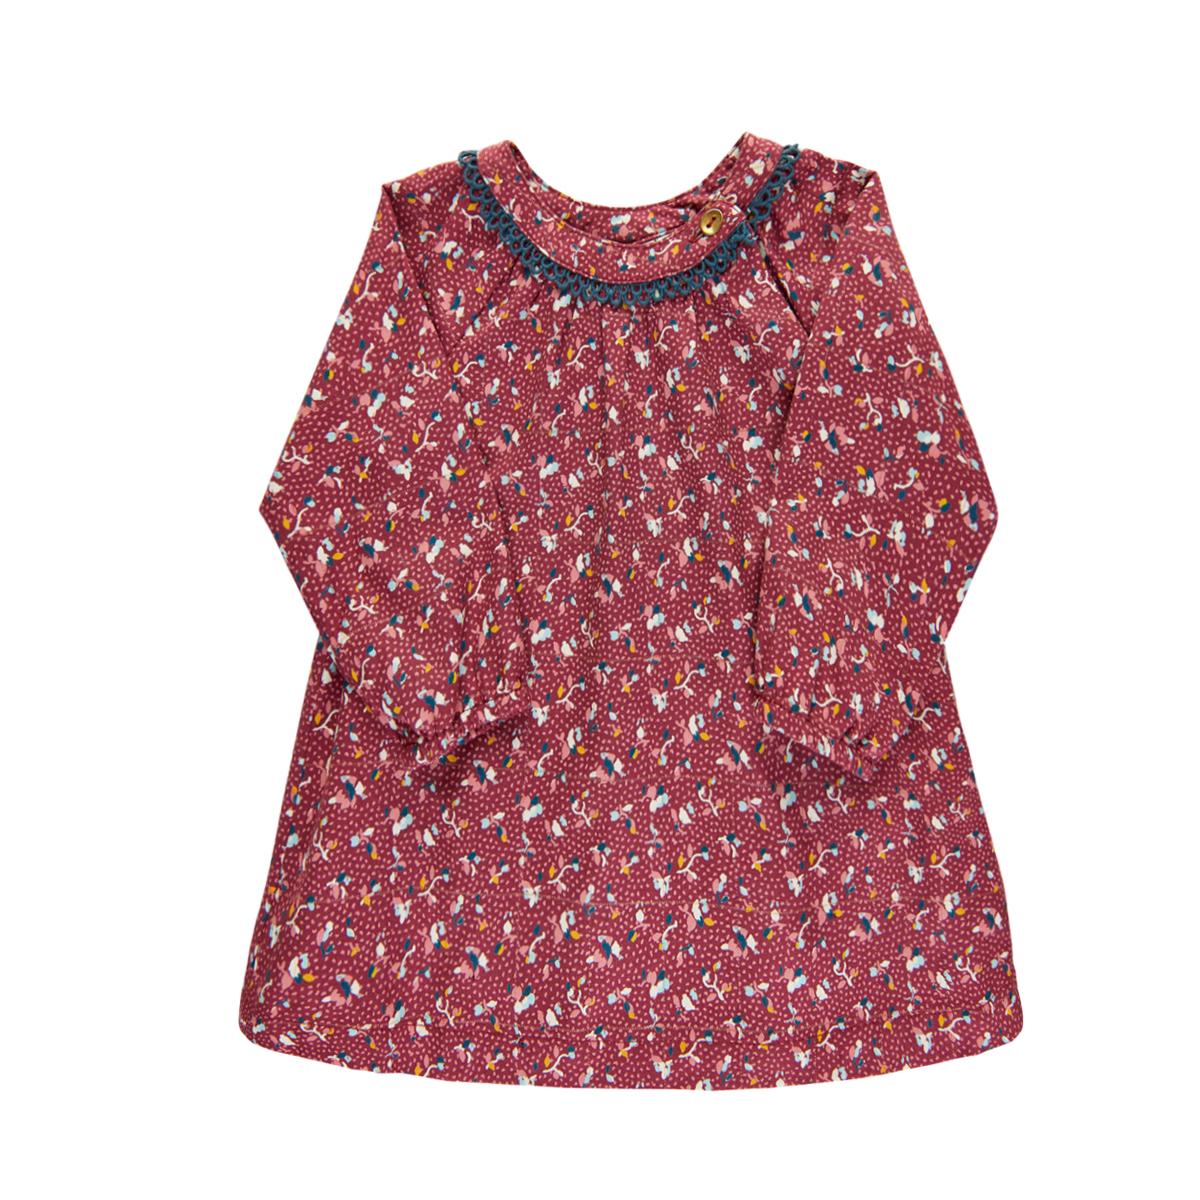 Noa Noa kjole til baby jente, roan rouge DressMyKid AS